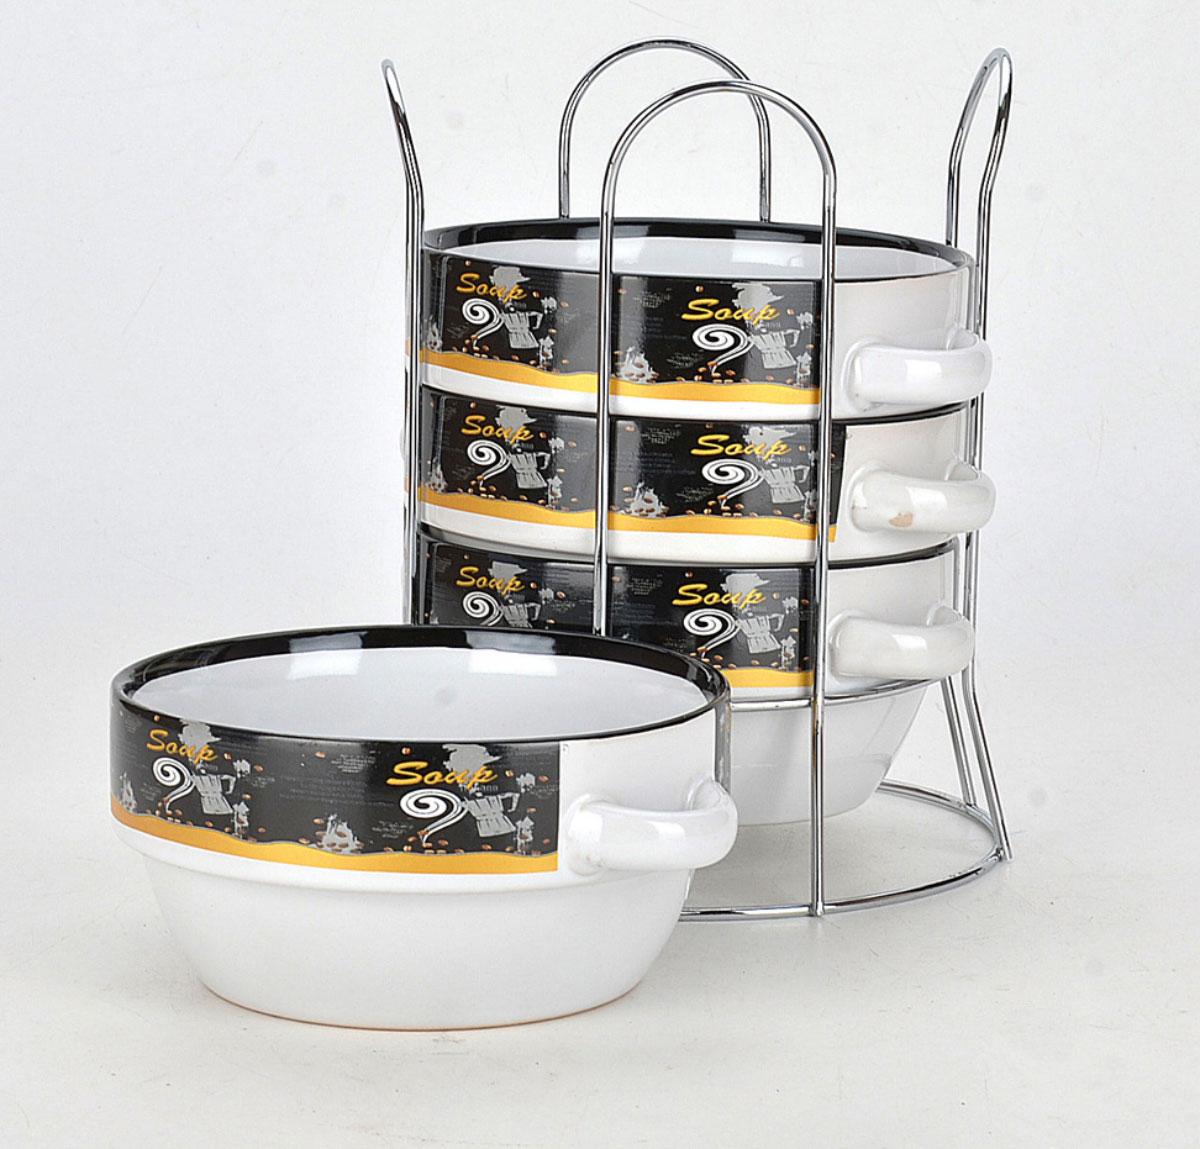 Набор супниц Loraine, на подставке, 575 мл, 4 предмета. 2128421284Для хозяек, предпочитающих современный и яркий дизайн, эти супницы будут отличным кухонным сервизом. Чашки белого цвета с ярким узором сделаны из биокерамики. Сервиз подчеркнет Ваш стиль и индивидуальность. Набор очень удобны в использовании, благодаря подставке он очень компактно расположится на вашей кухне.